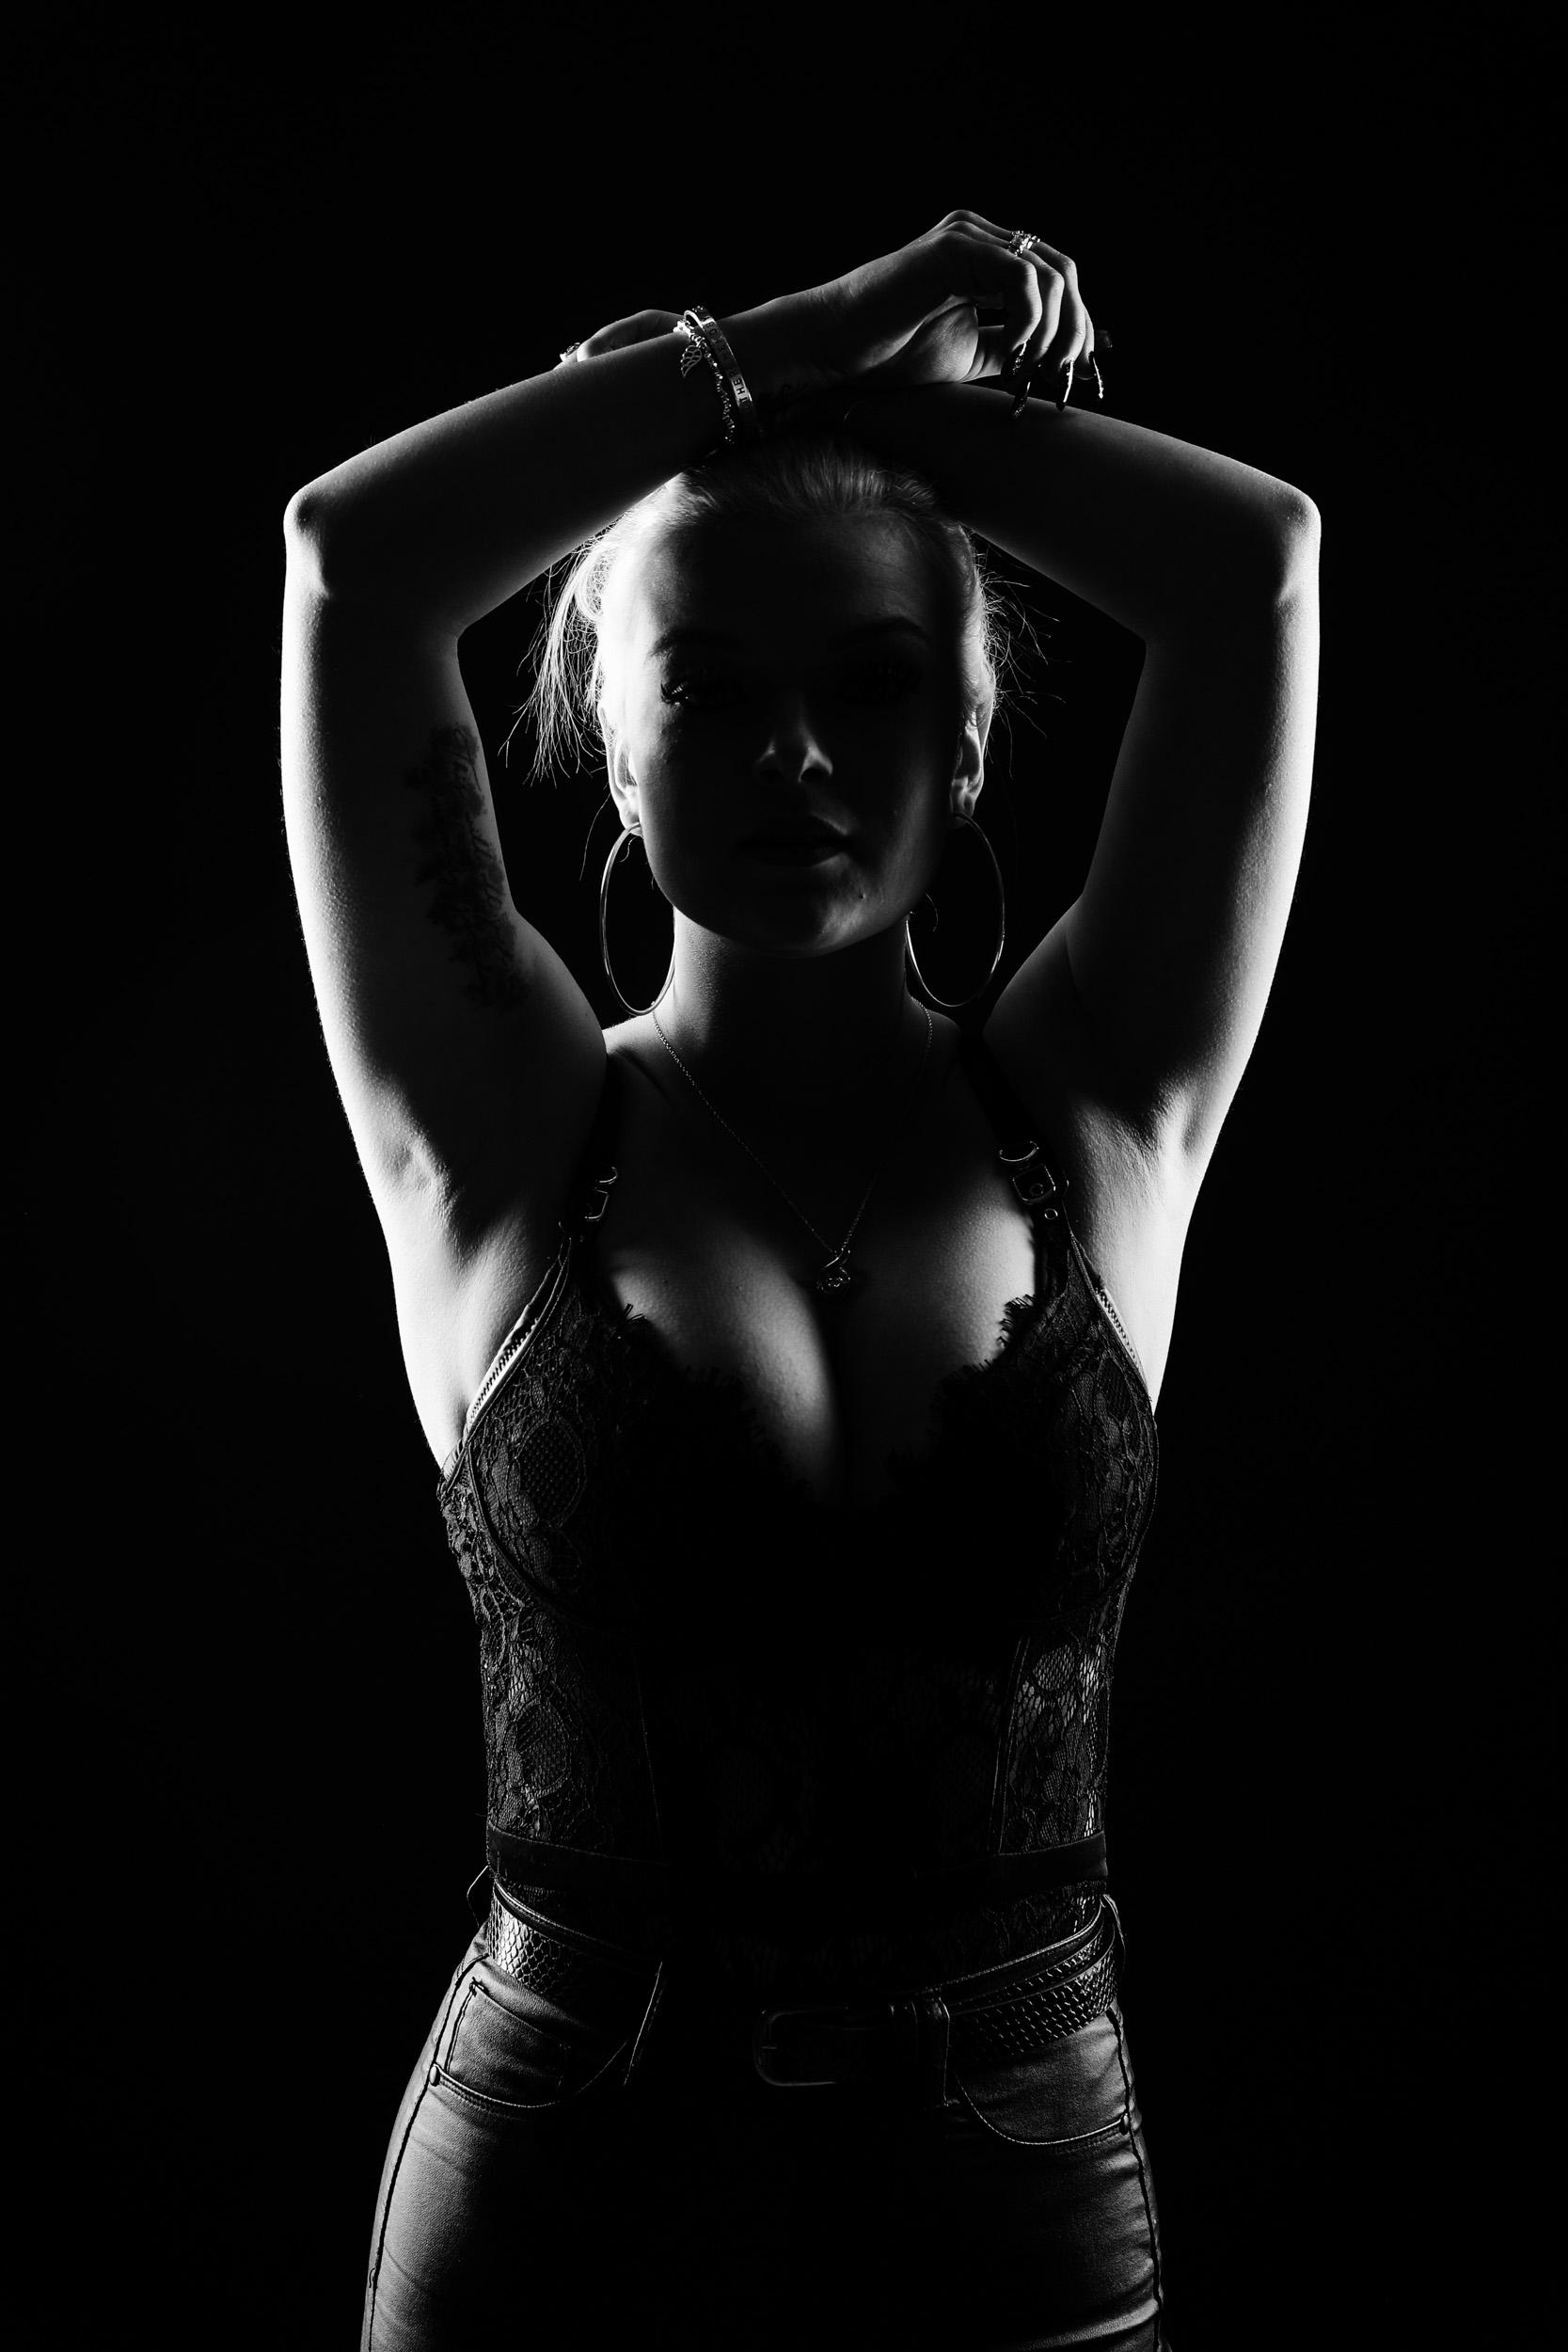 boudoir-photographer-grimsby-6.jpg